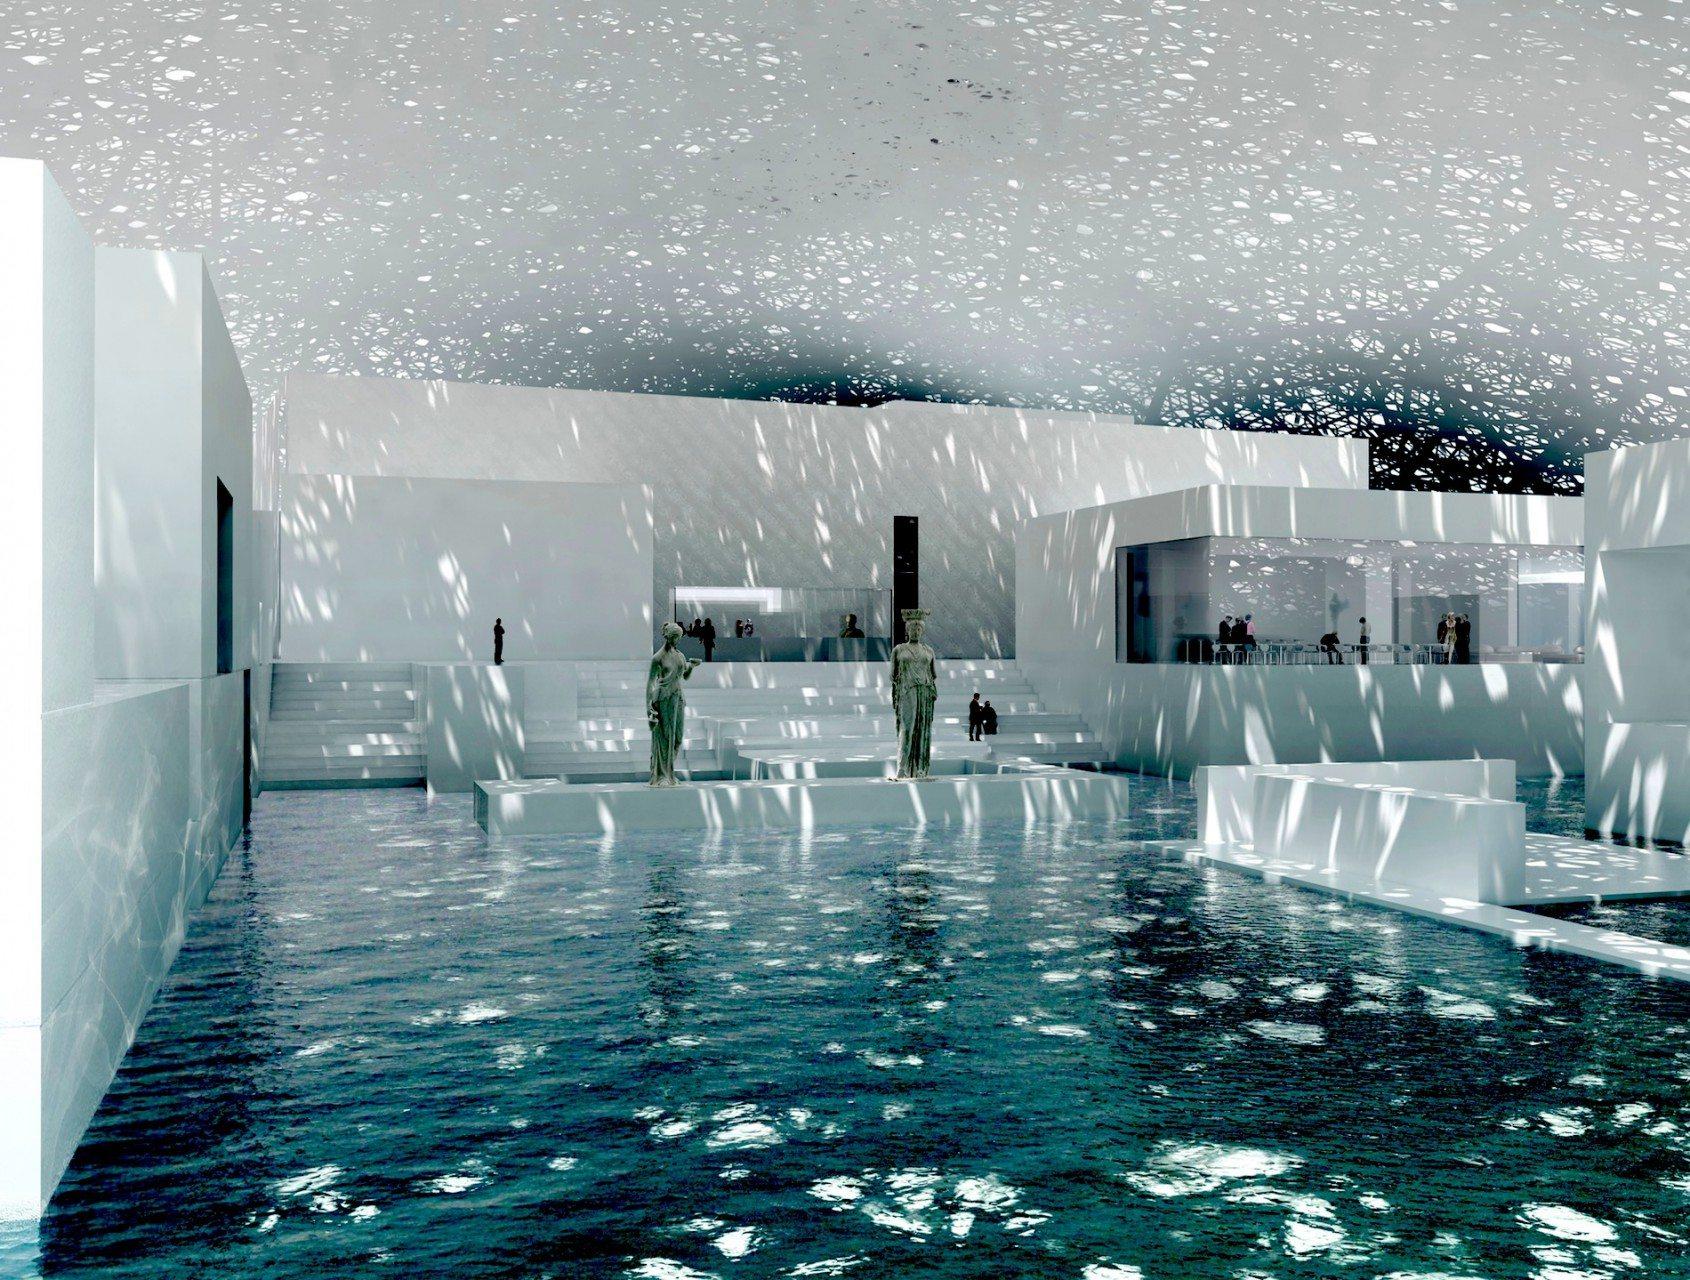 Lichtsee. Künstliche Wasserflächen im Innenraum des Museum.